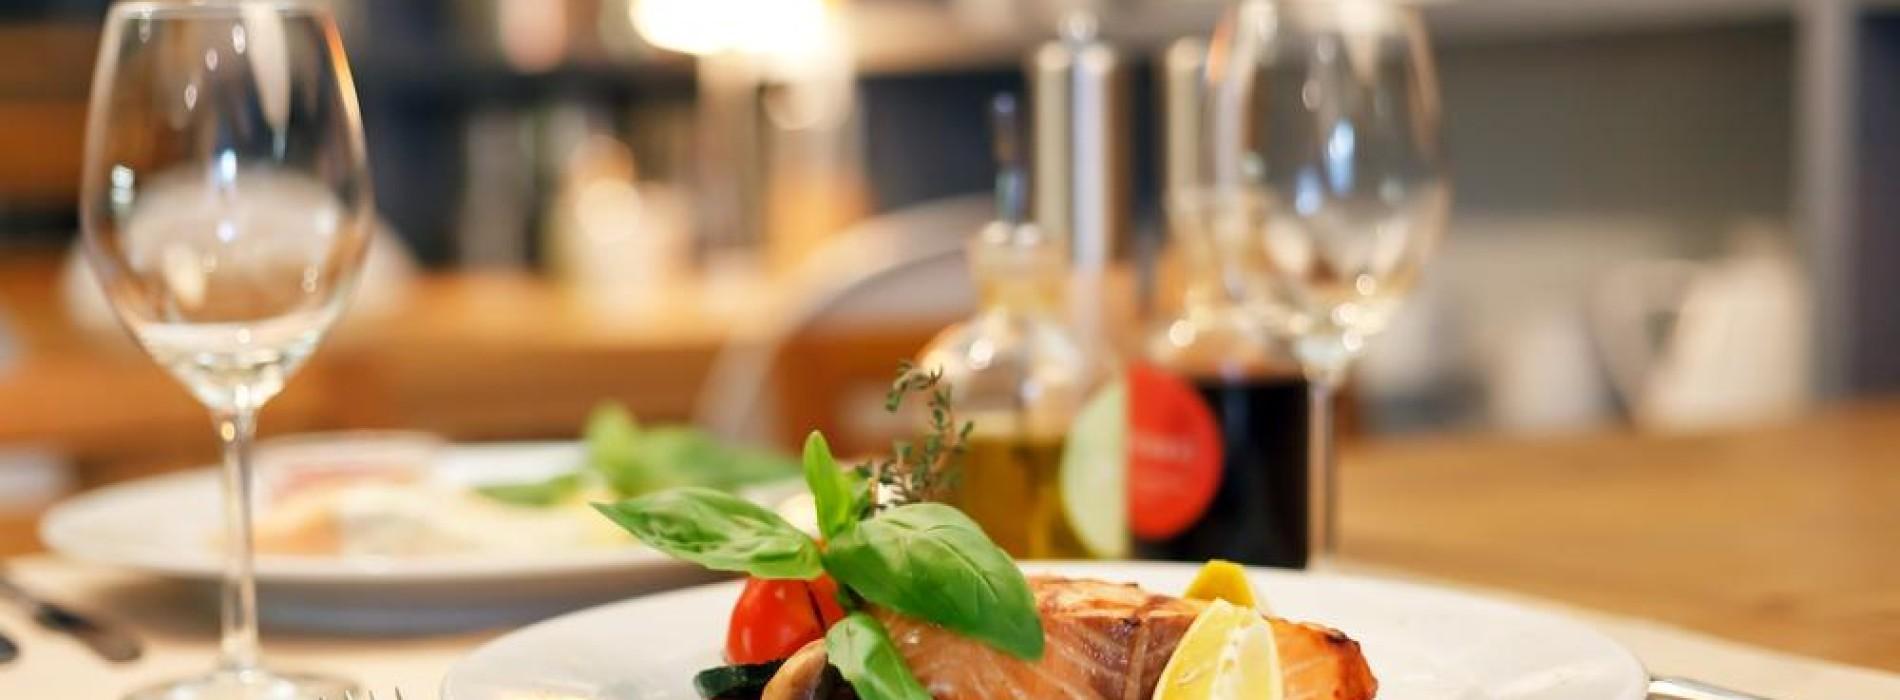 Obiad z kontrahentem może być kosztem uzyskania przychodu